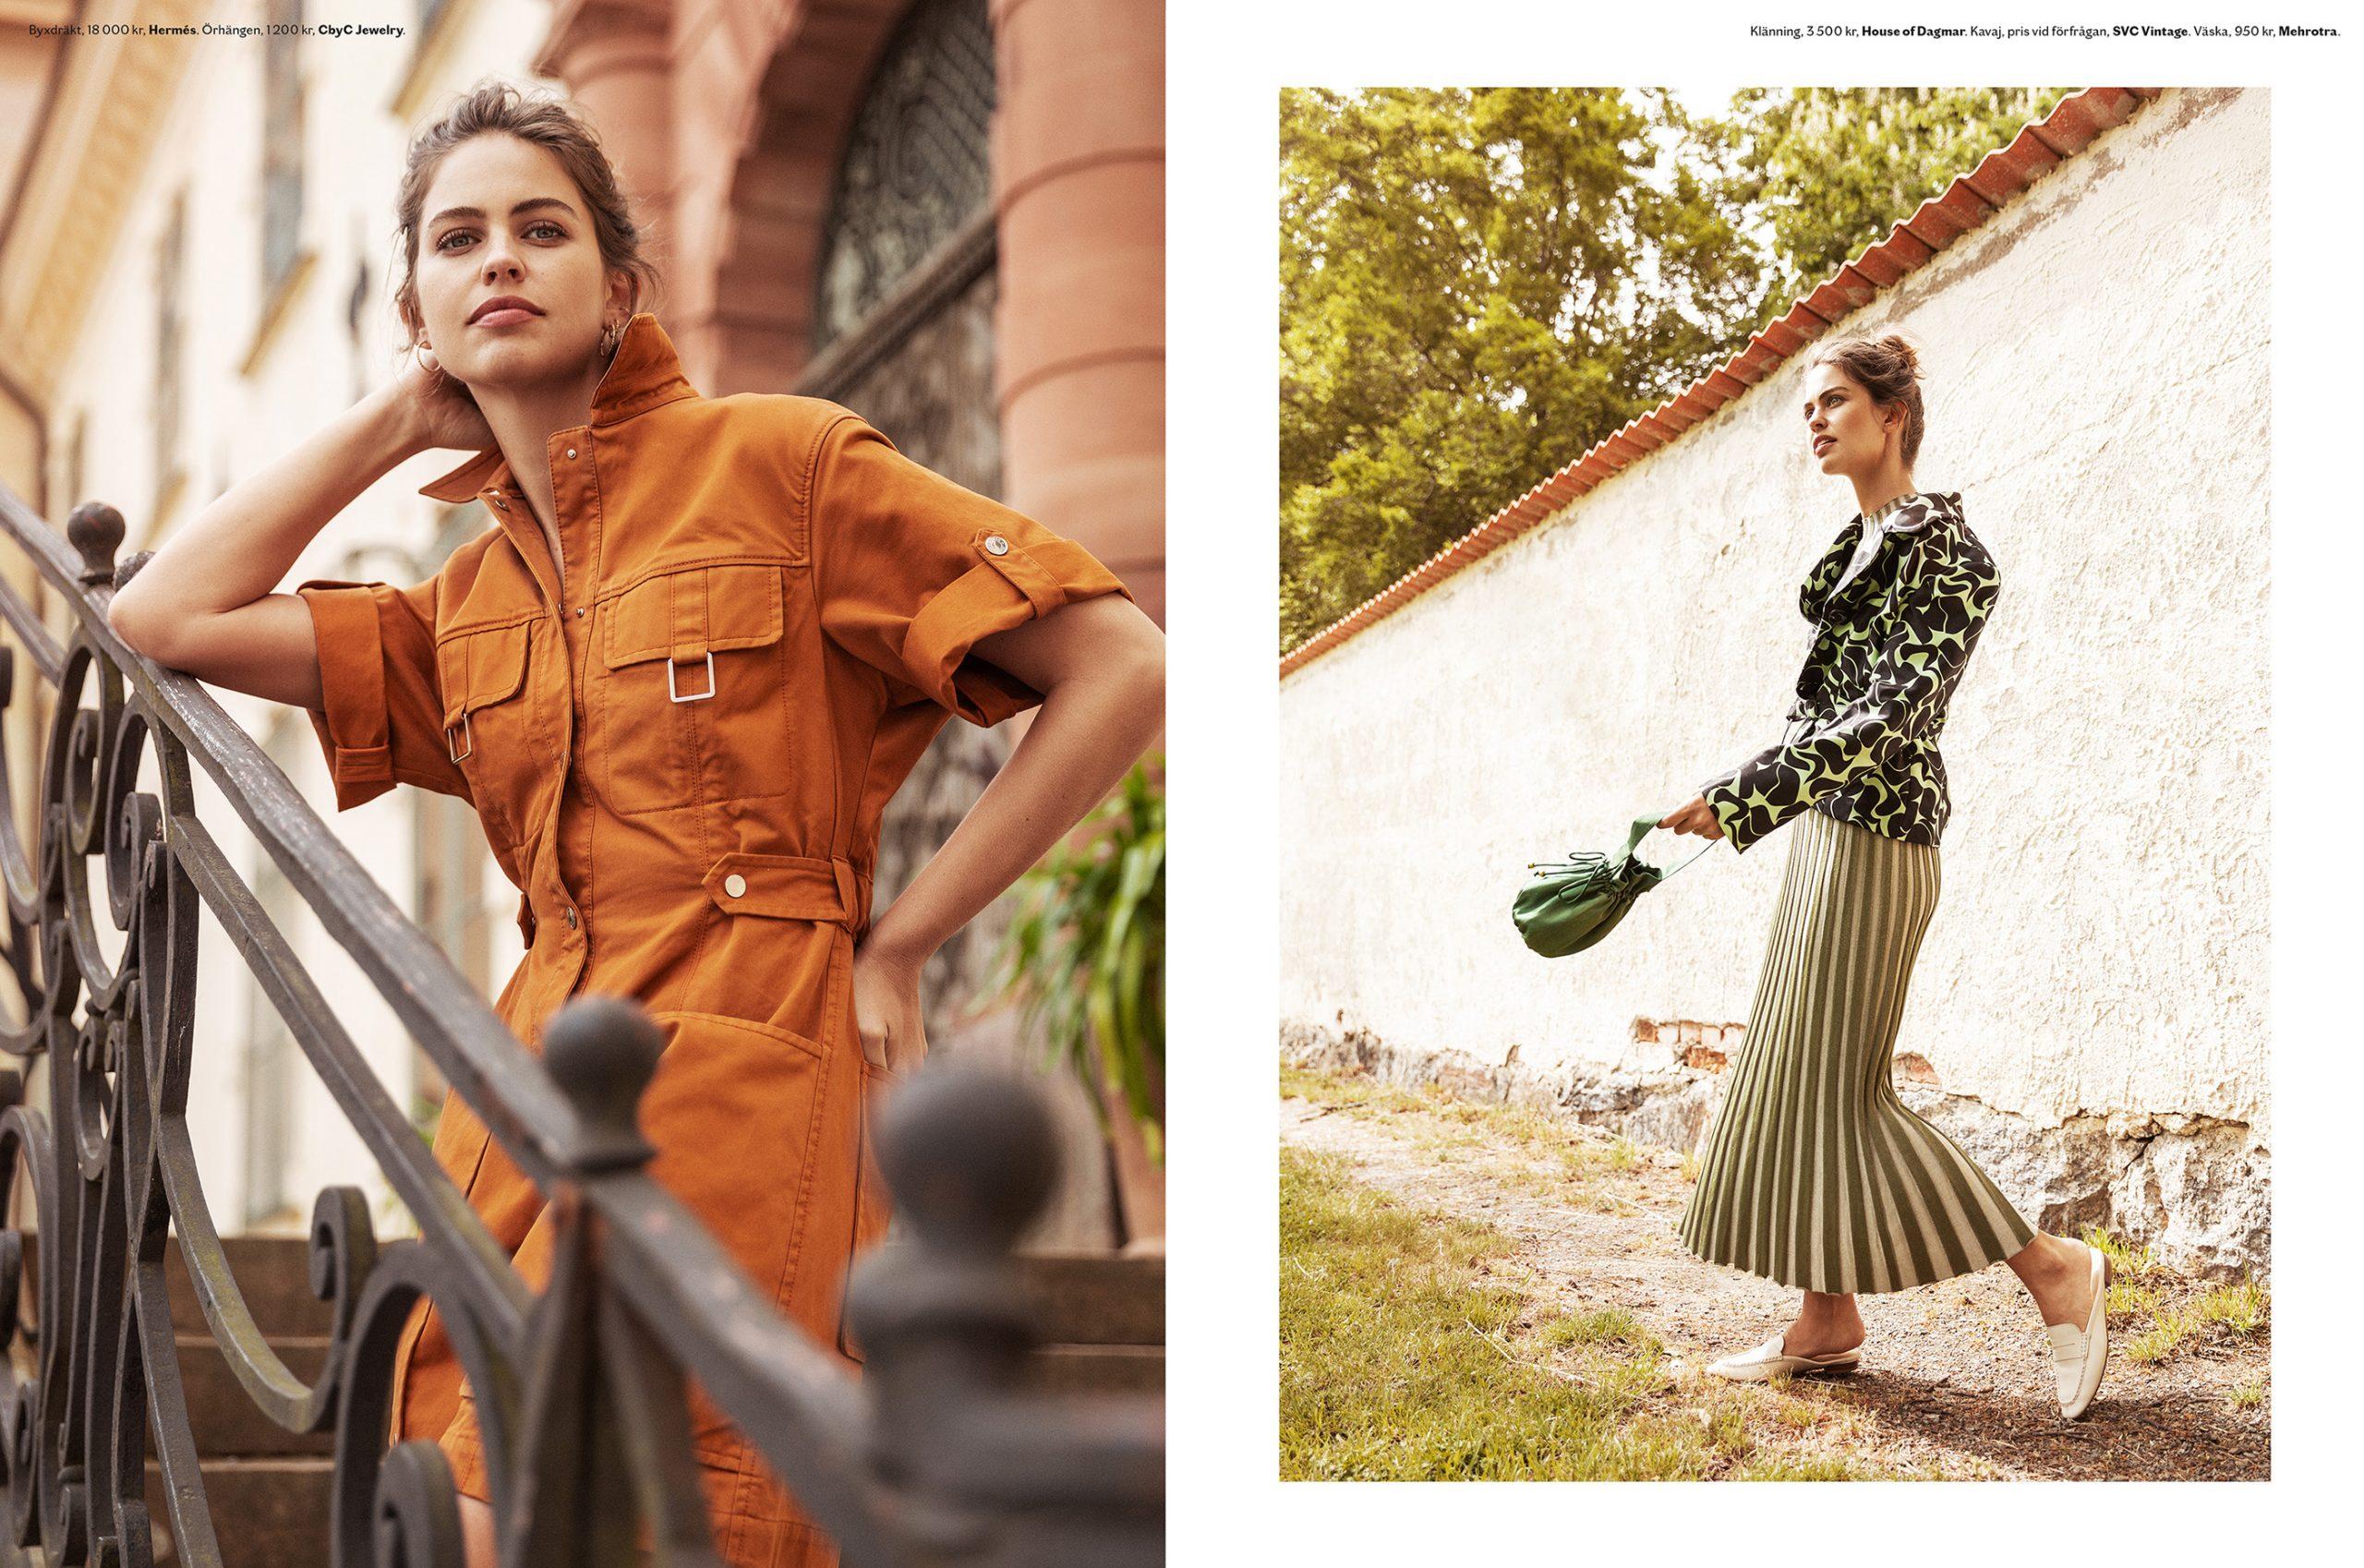 plaza_magazine_linnea_hellbom_LAUREN_AUERBACH_hairstylist_makeup7